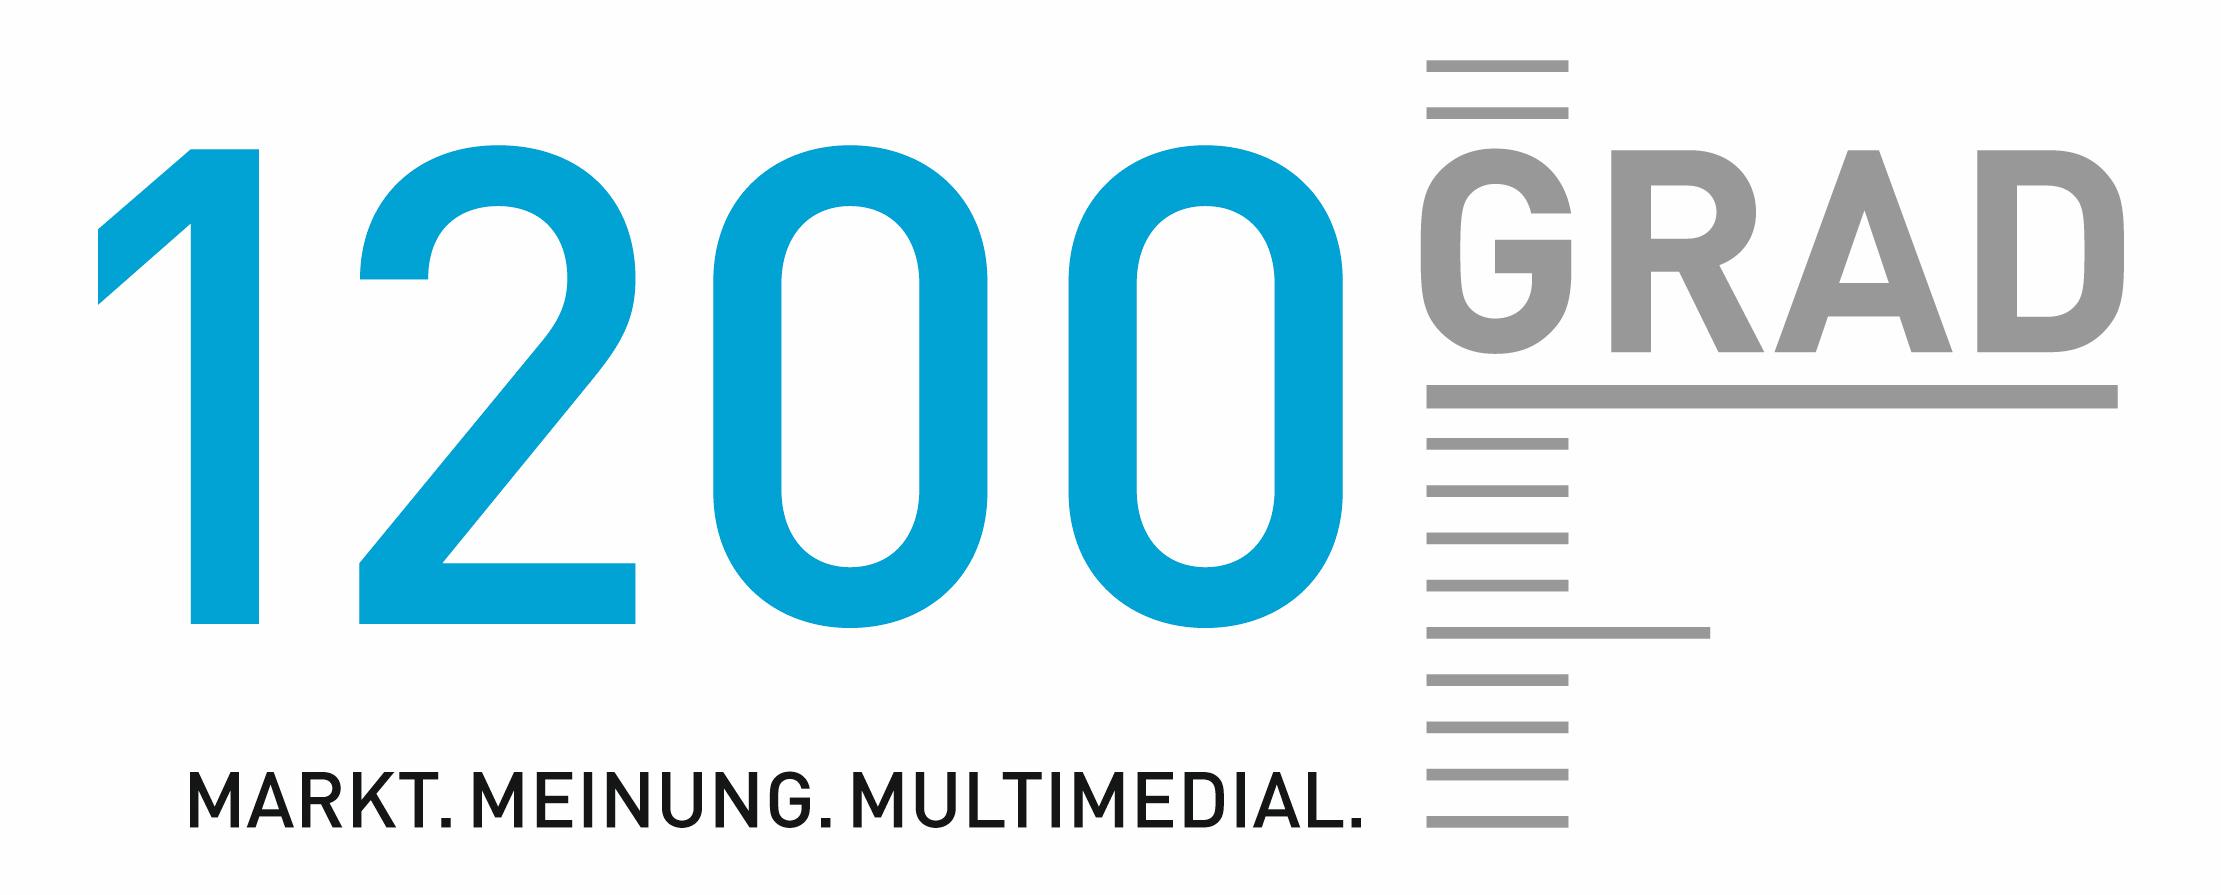 1200Grad